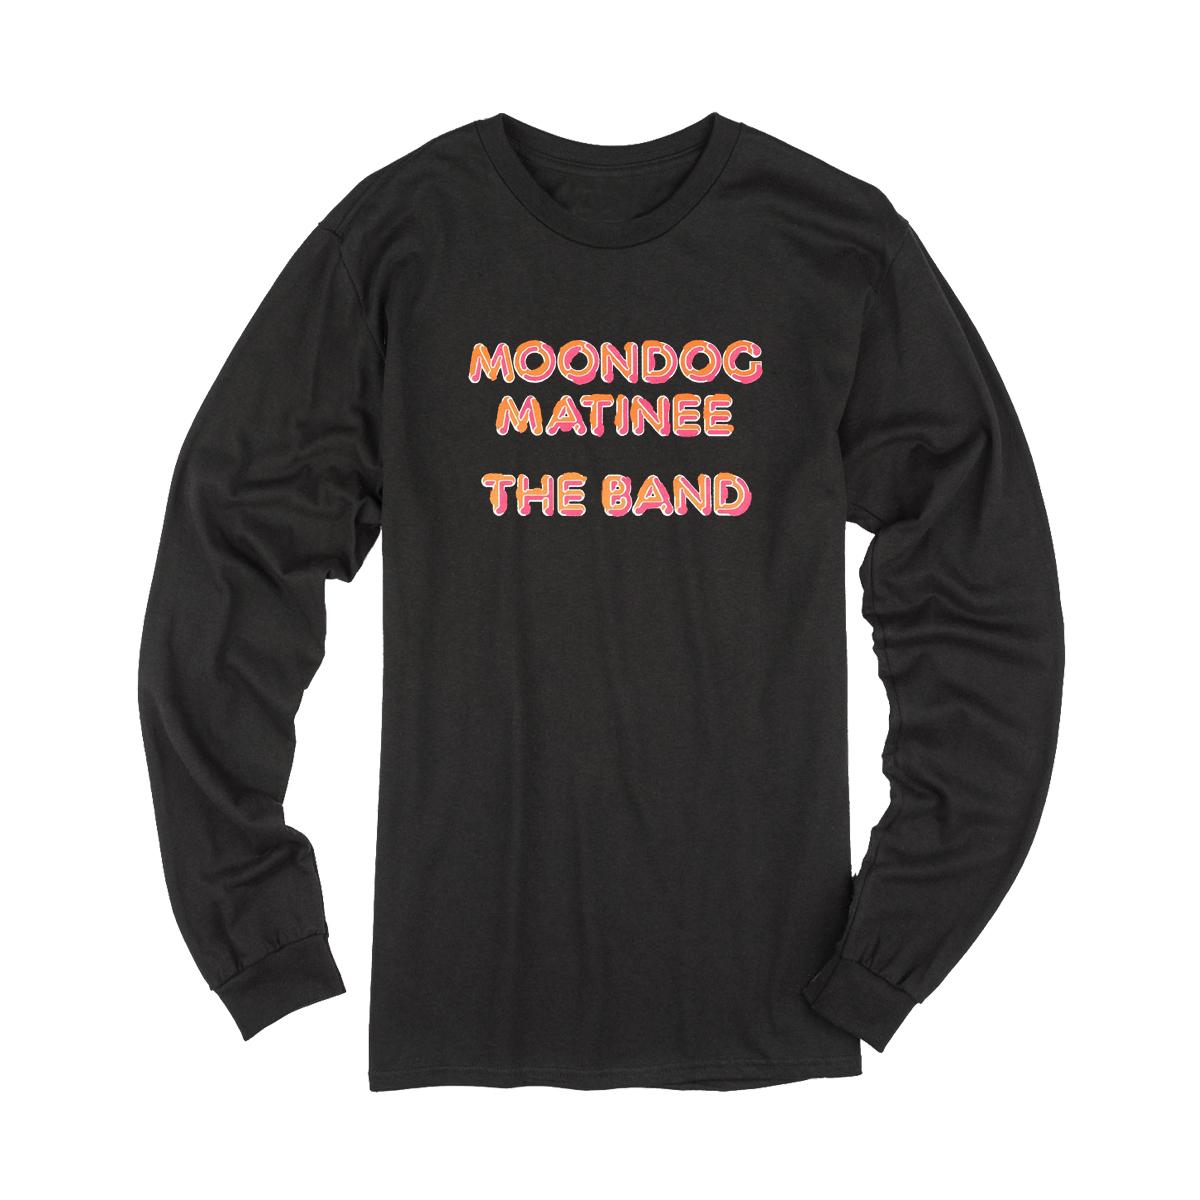 The Band Moondog Matinee Long Sleeve Tee